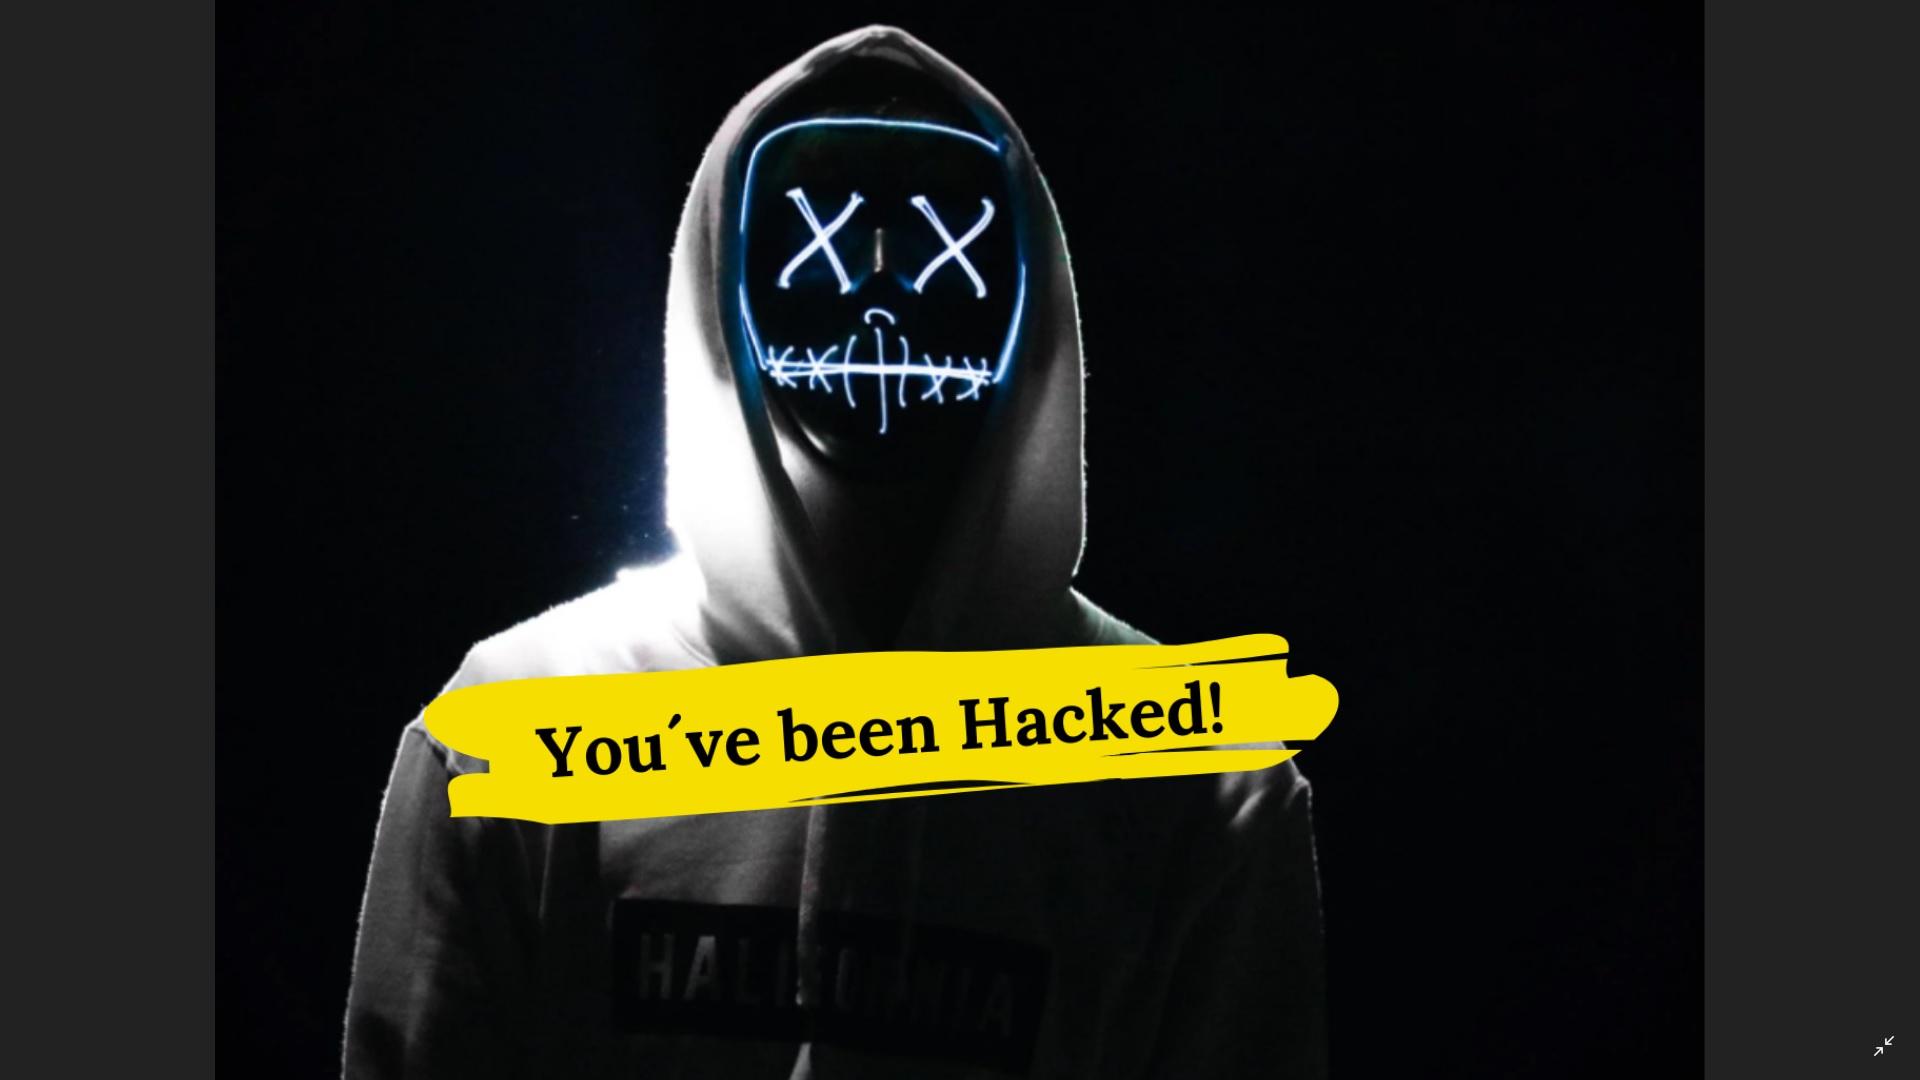 Cyberangriffe und Datenschutz